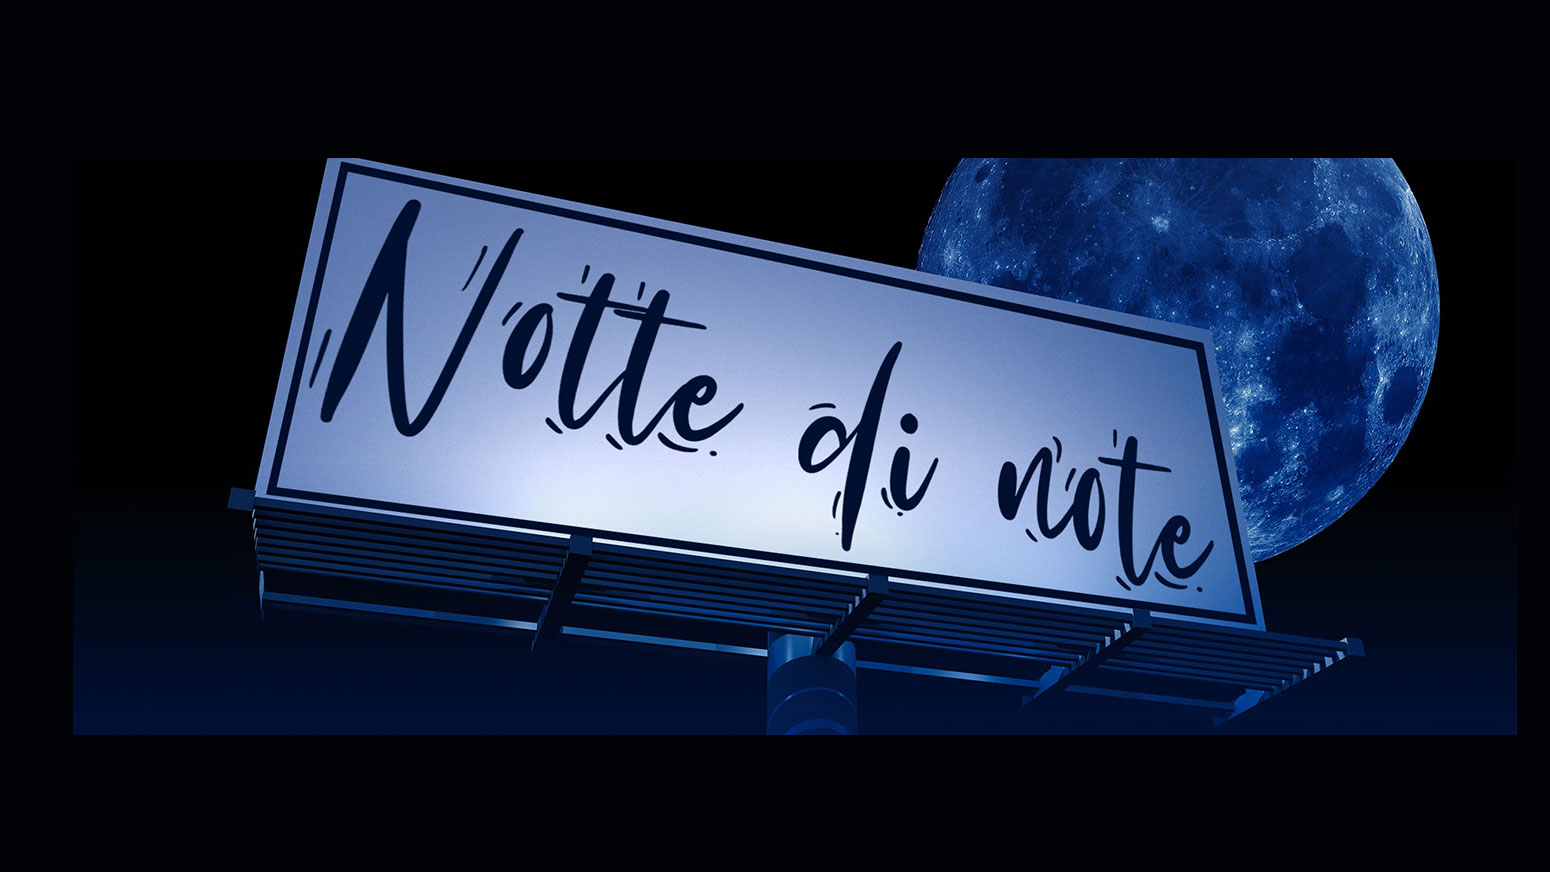 Notte di Note